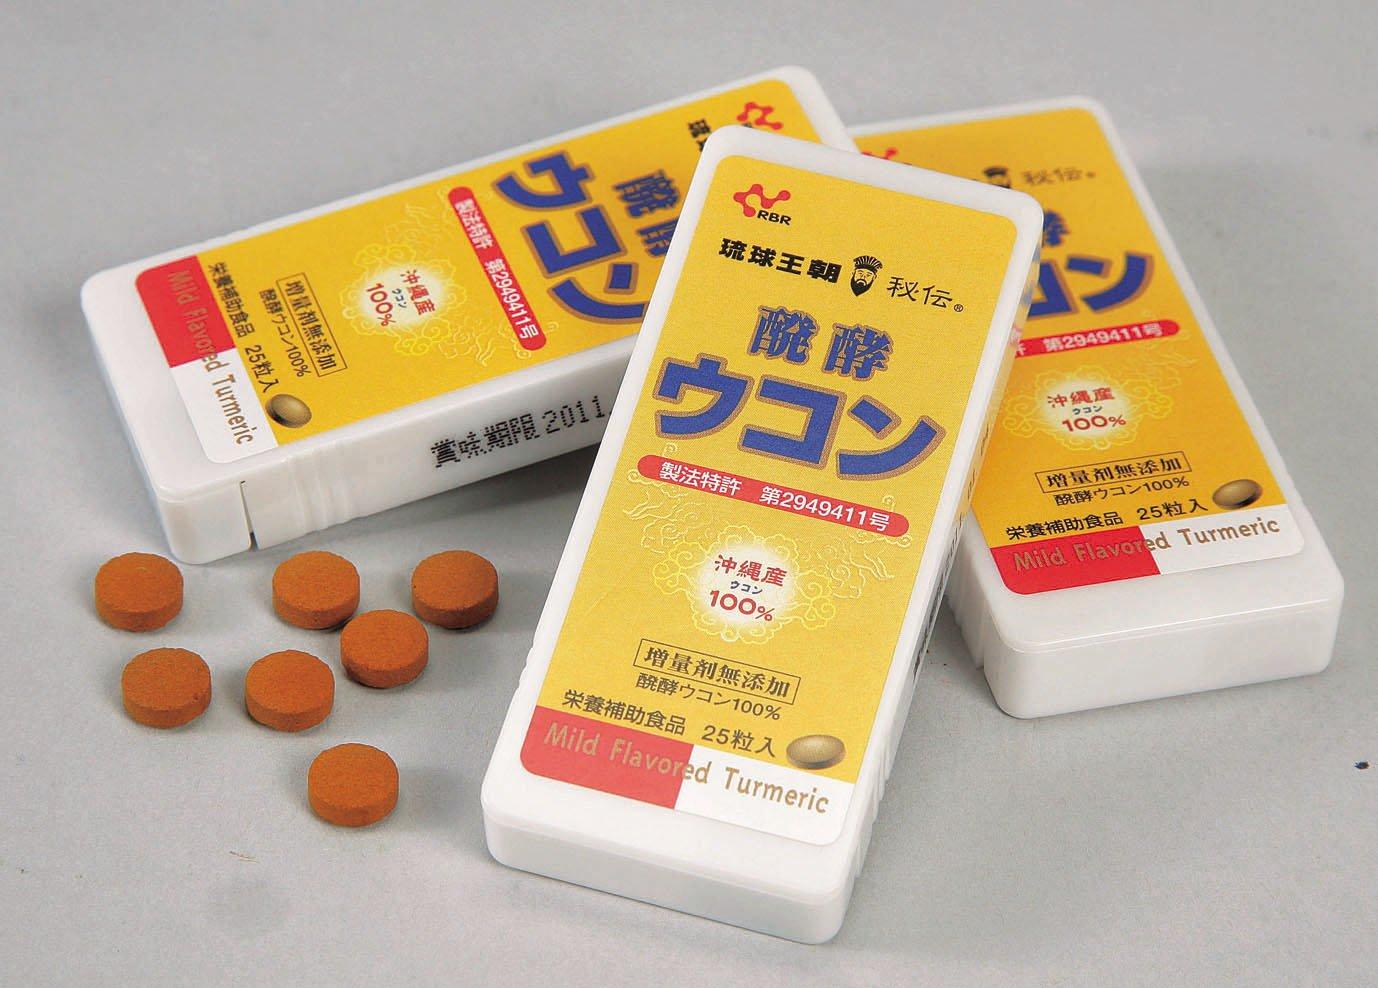 醗酵ウコン粒 スライドケース 25粒×20個×5 琉球バイオリソース 乳酸醗酵でミネラル分がさらに高まった醗酵ウコン! 健康維持に沖縄のウコンをどうぞ B074V4T8YL 20個×5箱  20個×5箱